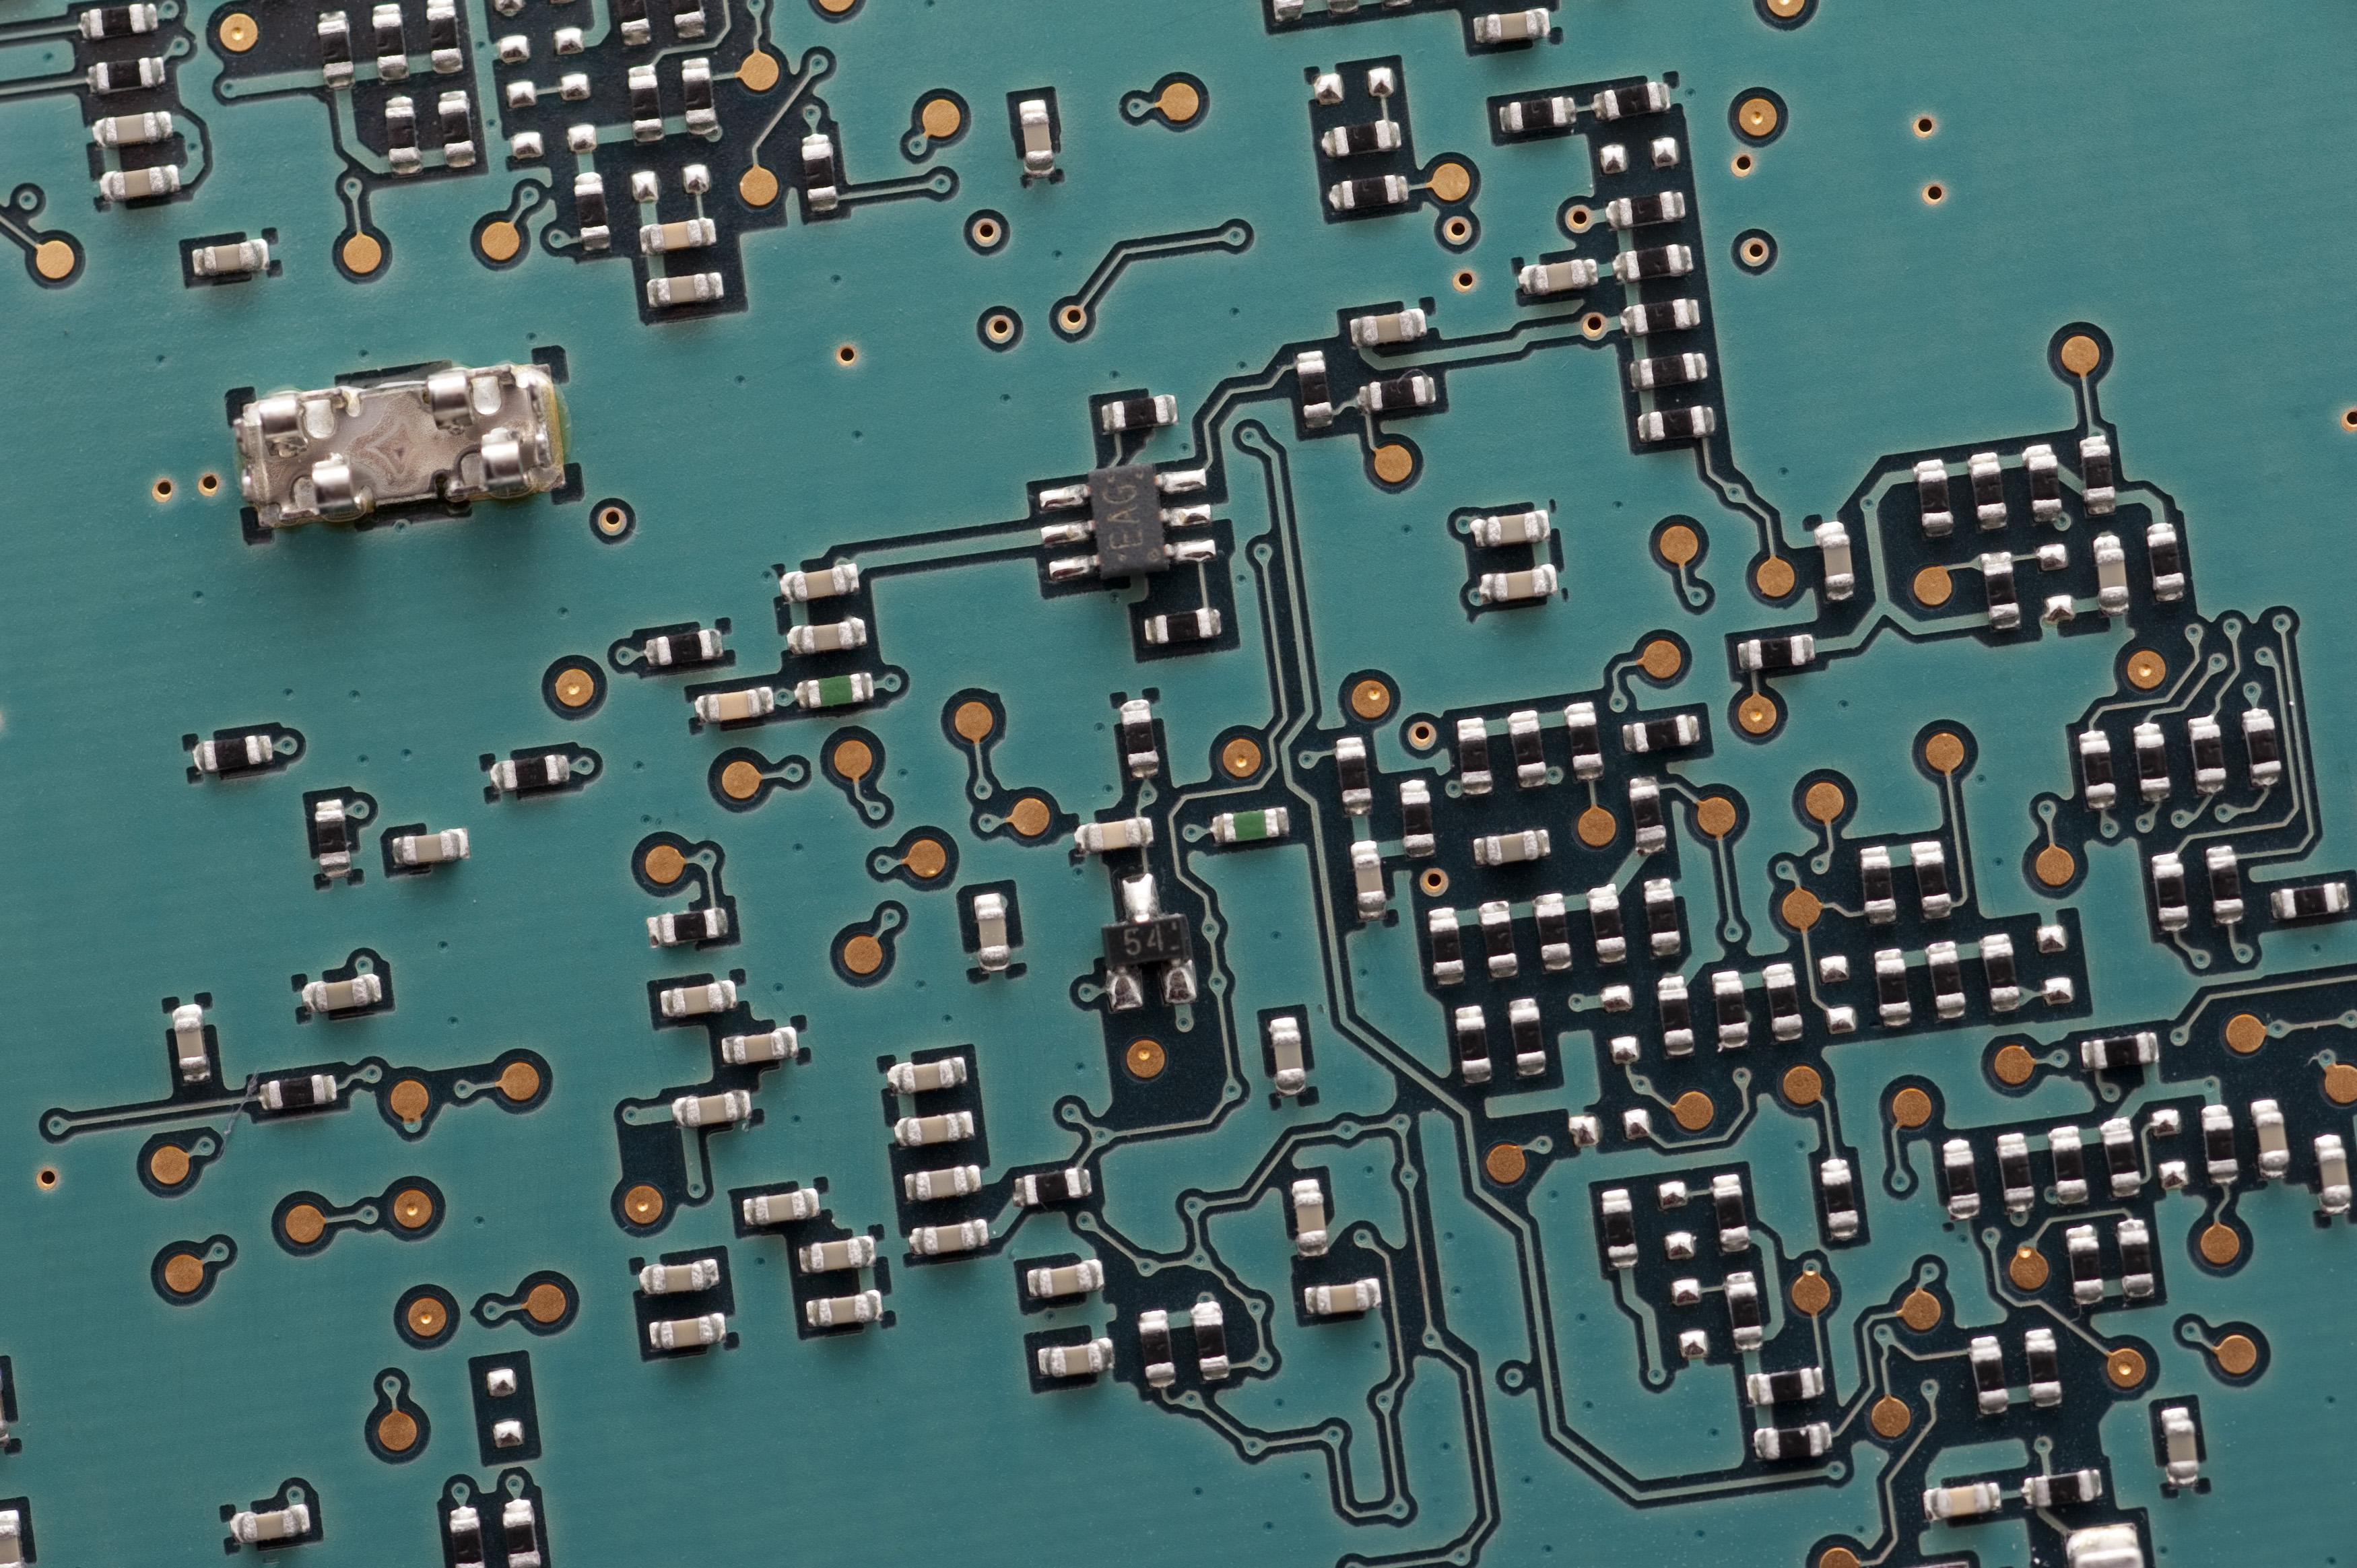 Free image of resistors on printed circuit board